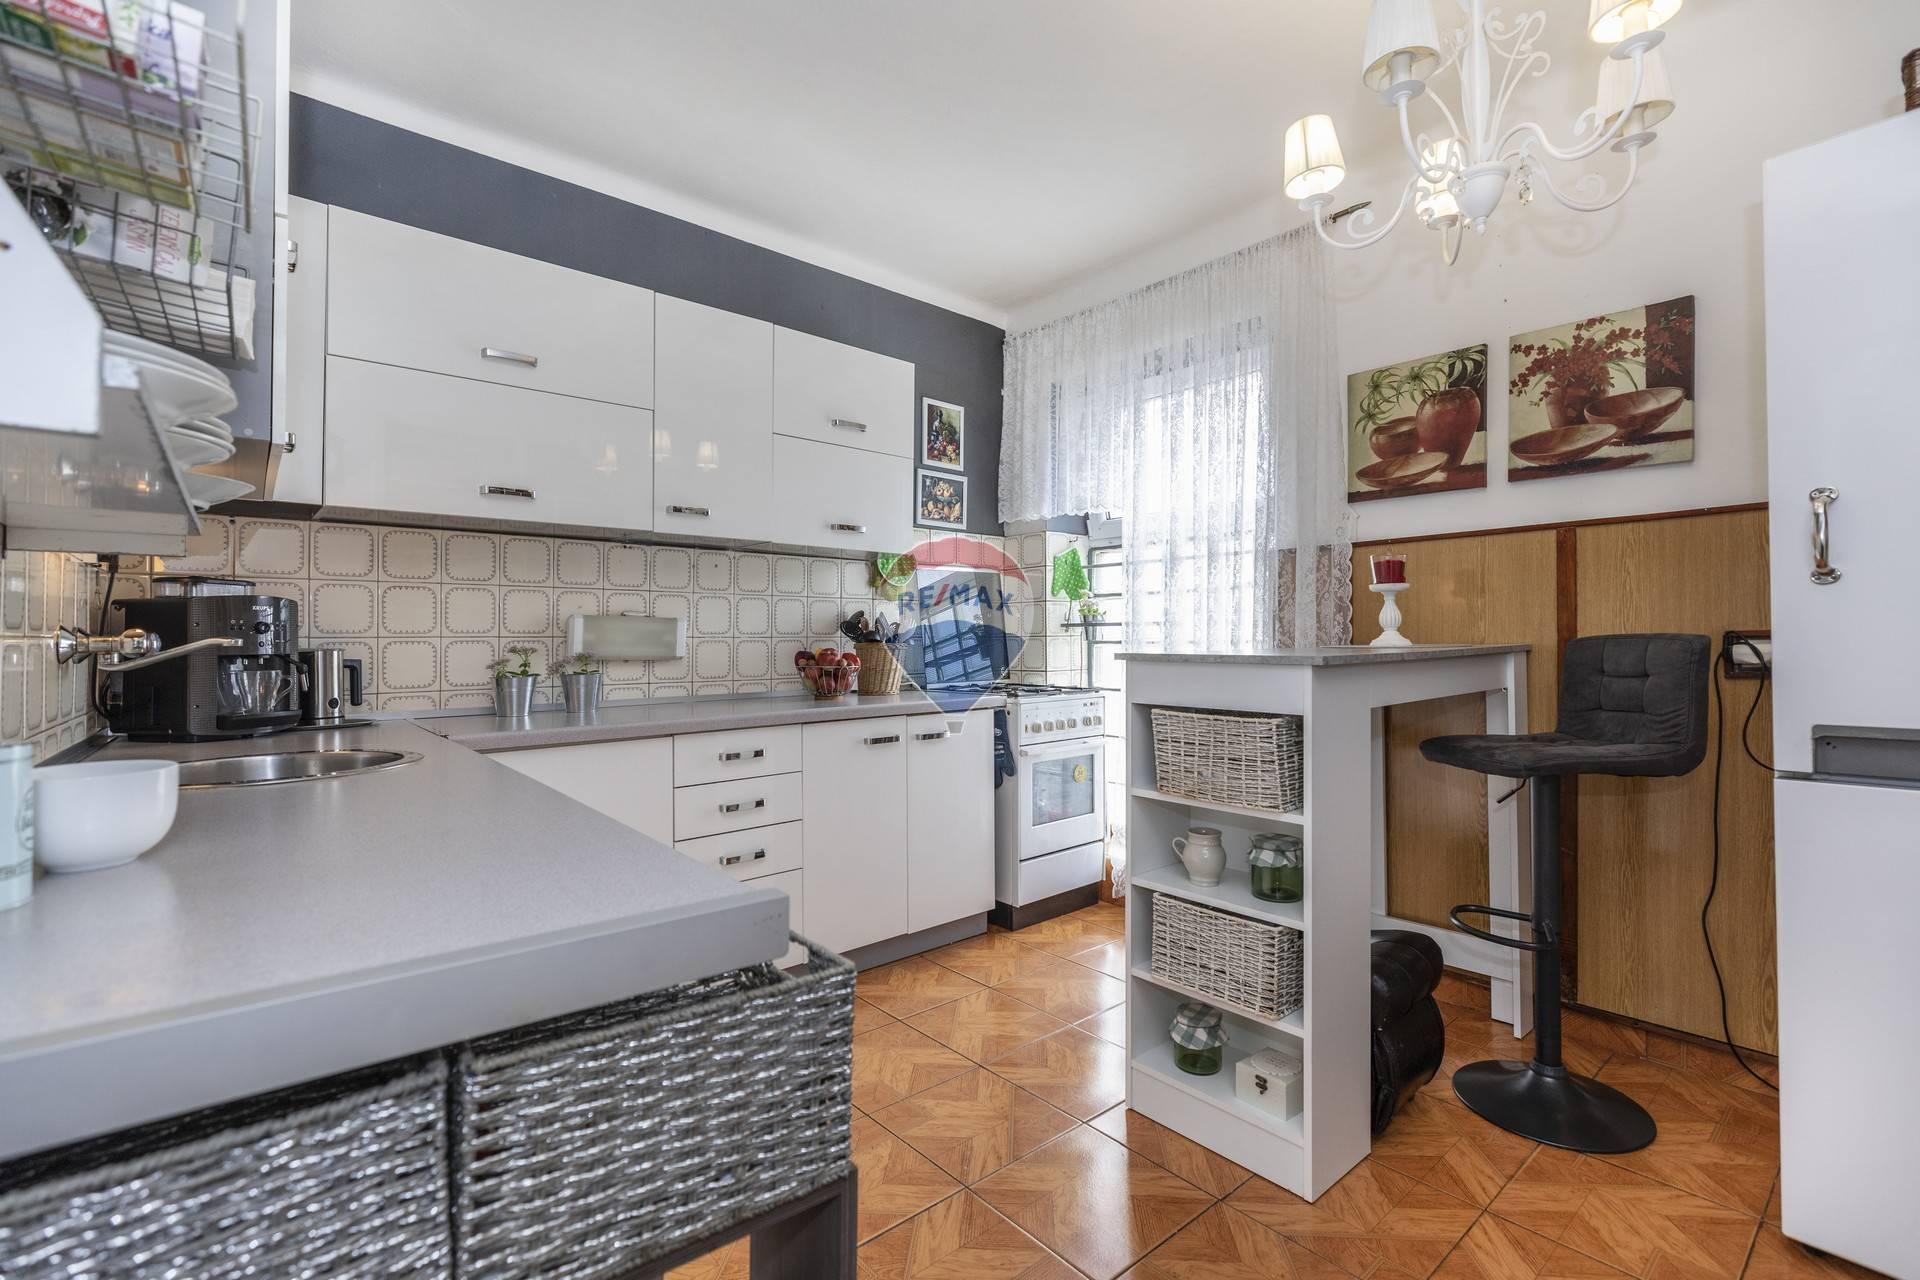 Predaj 4izbového rodinného domu Ivanka pri Dunaji